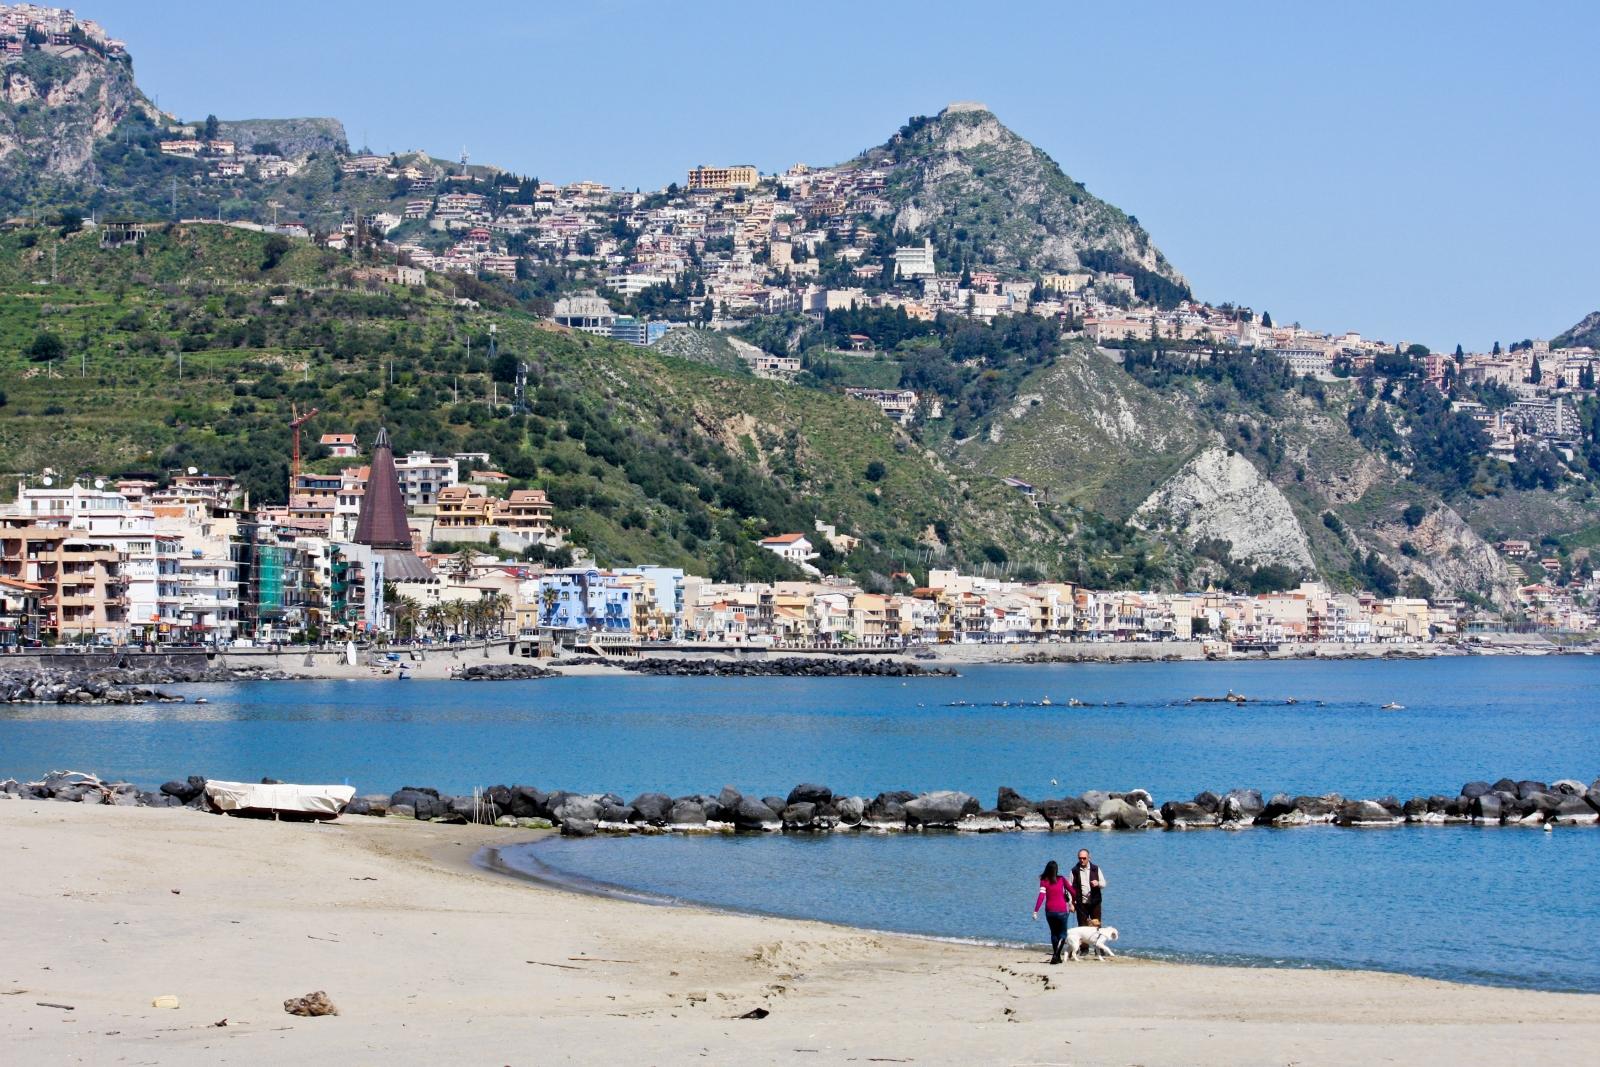 Spiaggia libera picture of rg naxos hotel giardini naxos